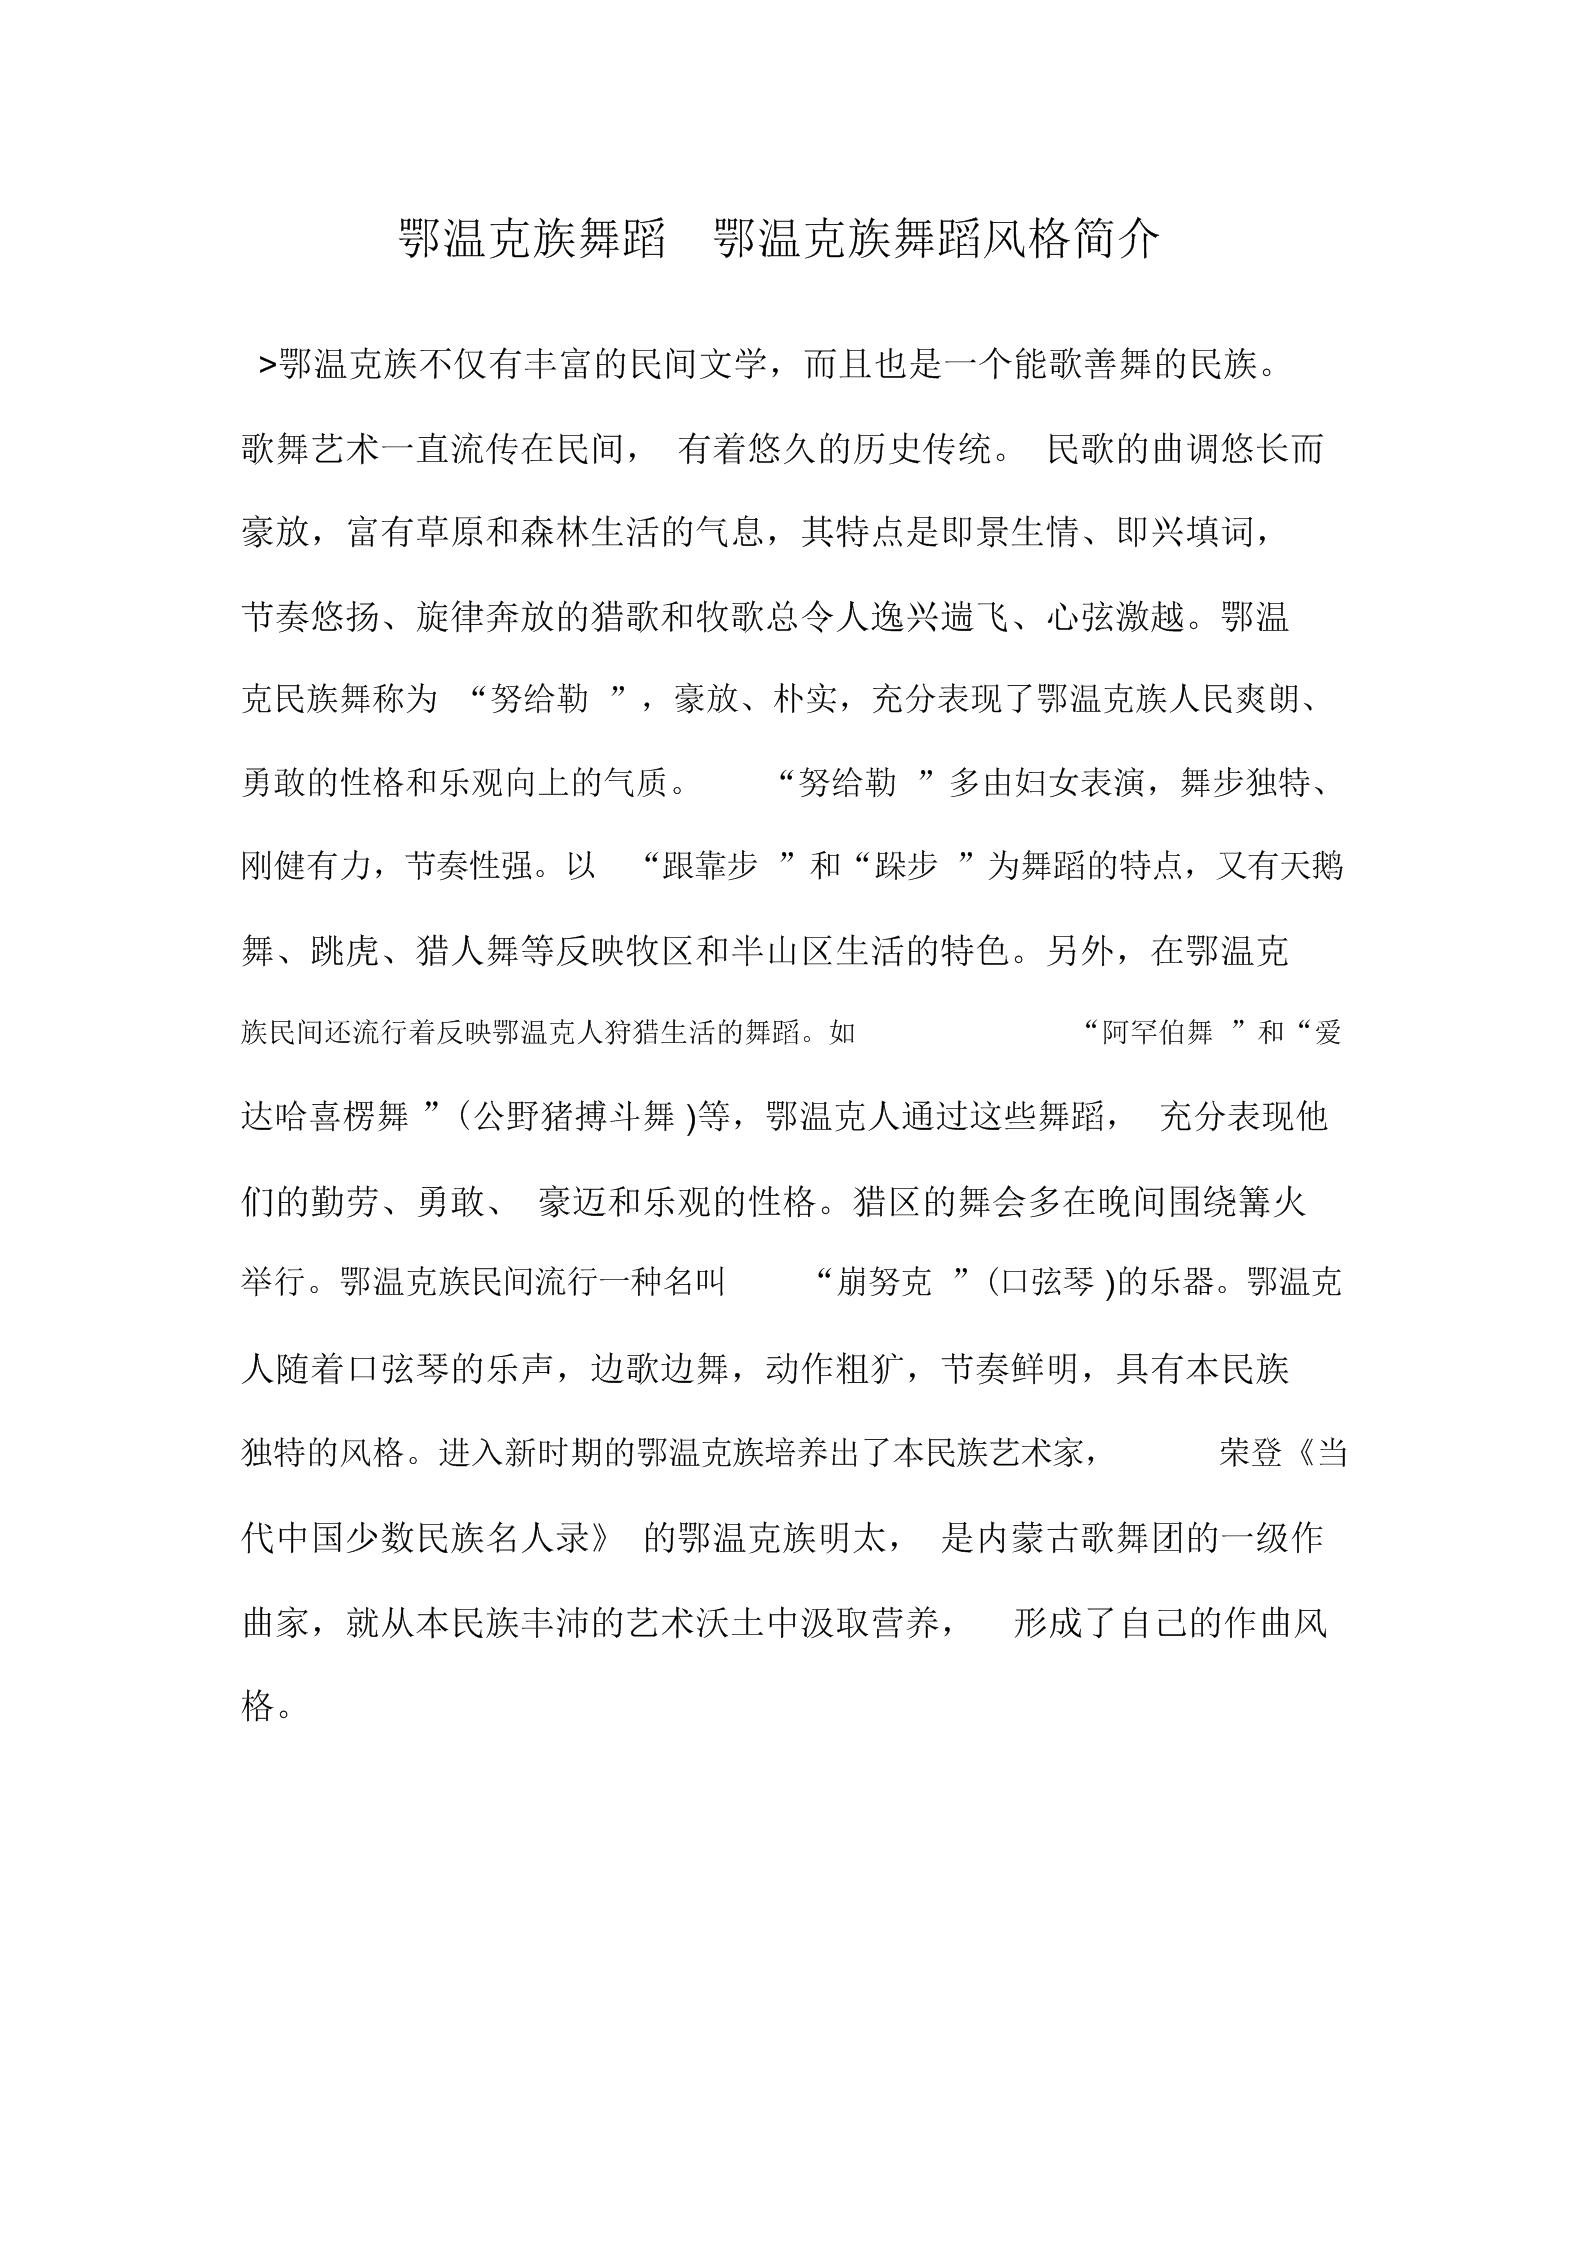 鄂温克族舞蹈鄂温克族舞蹈风格简介.doc